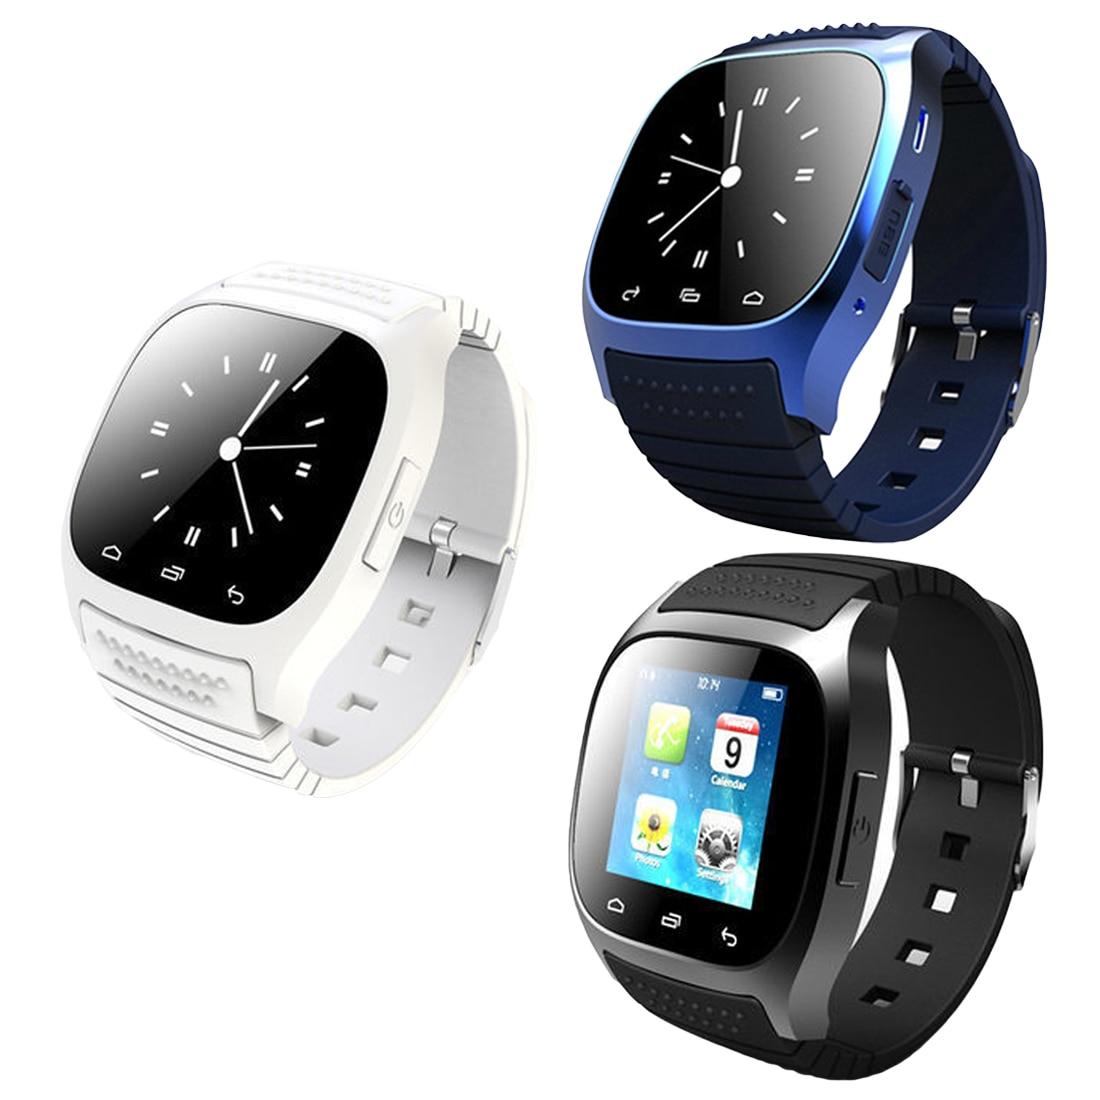 Новый bluetooth smart watch m26 роскошные наручные часы г часы smartwatch с набора sms напомнить шагомер для android samsung телефон.